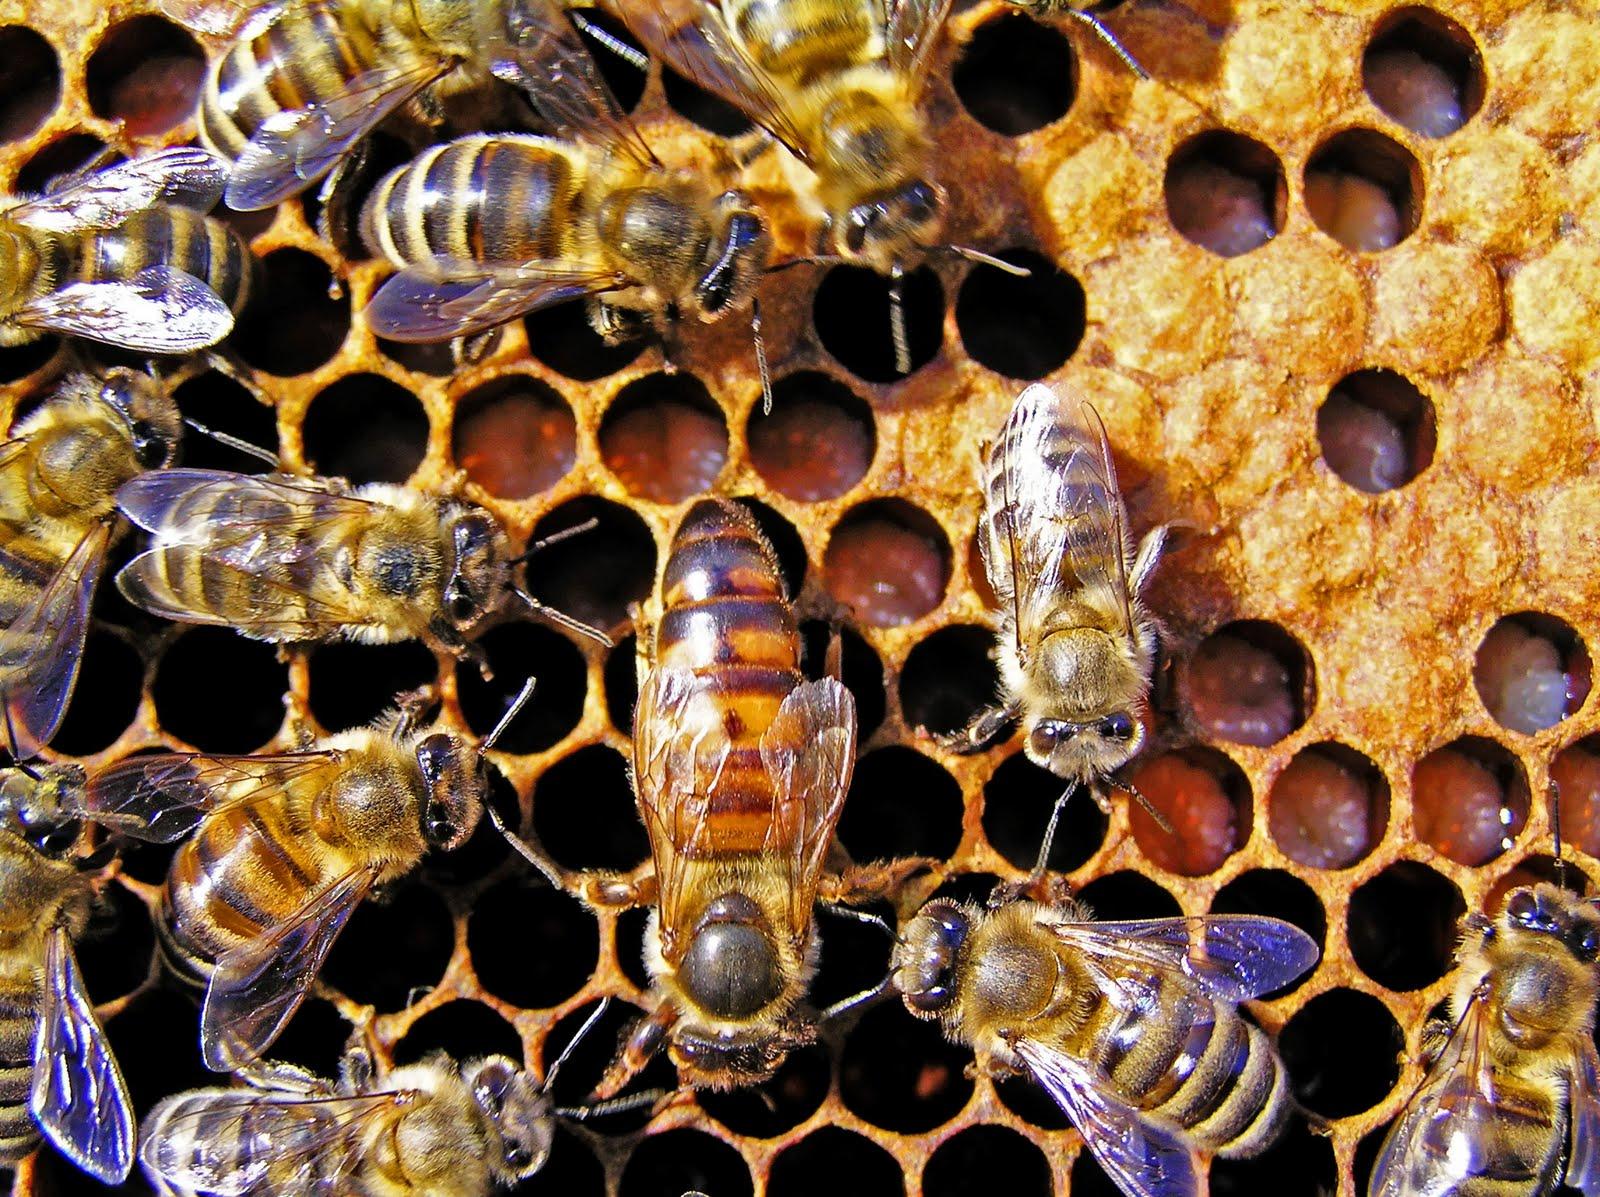 Citaten Over Bijen : Museumjeugduniversiteit kunnen wij leven zonder bijen